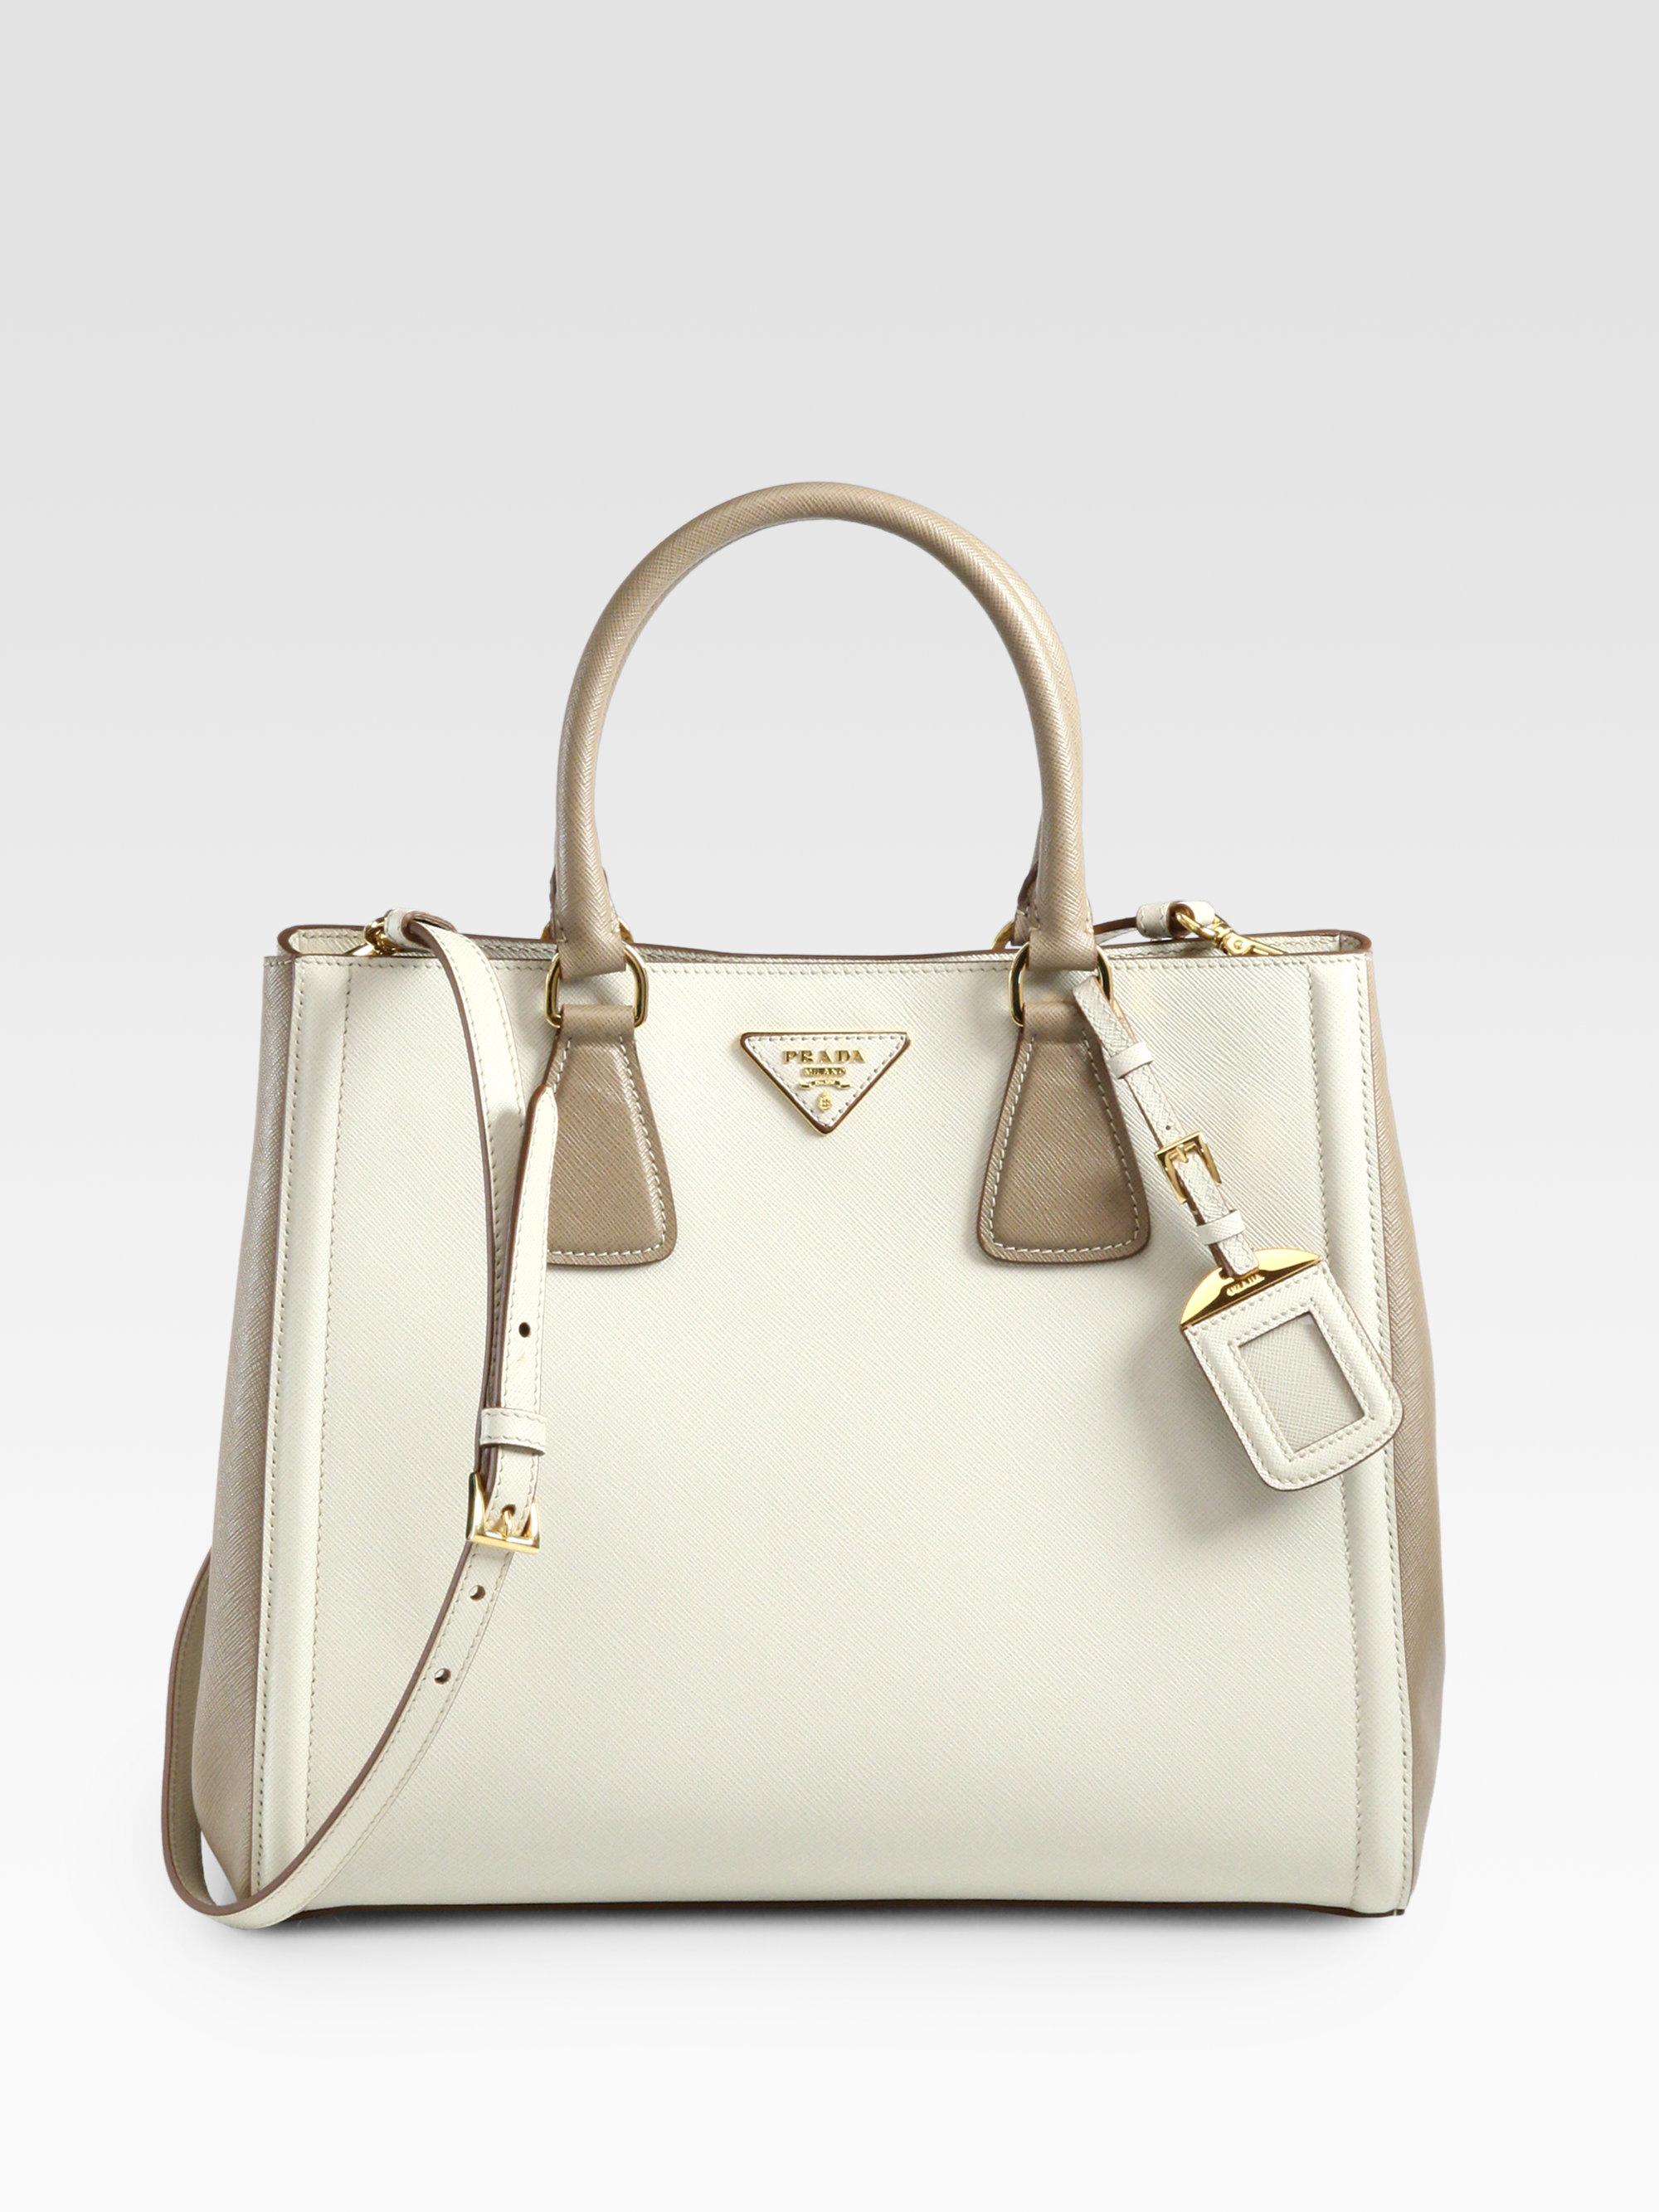 8cffc82dd395 Prada Saffiano Lux Bicolor Ew Tote in White - Lyst